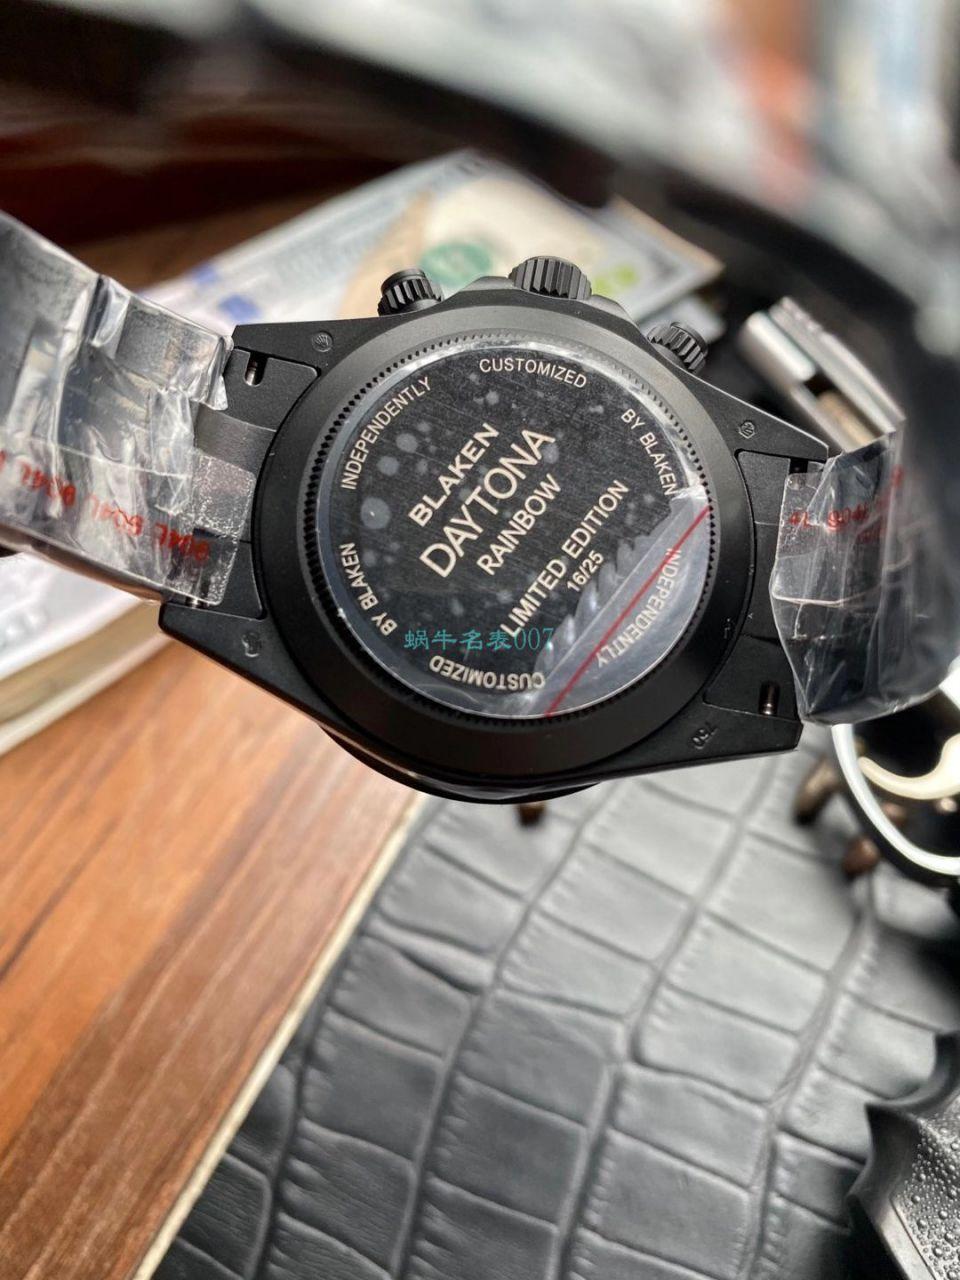 TW厂超A高仿Blacken改装劳力士迪通拿碳黑钢皇副本手表 / R650